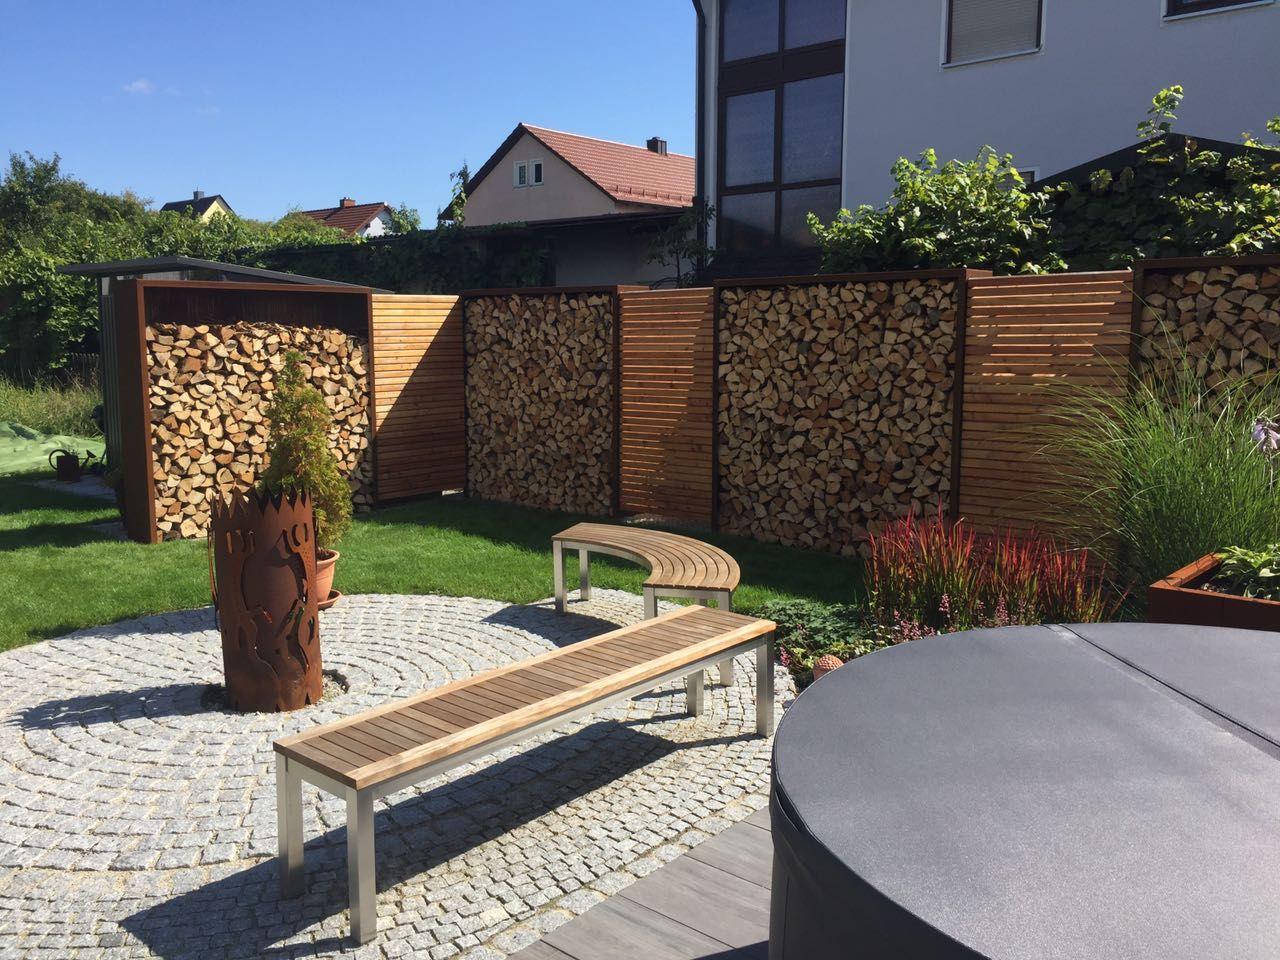 Wohnraum Garten. LIGUNA Holzlager aus Cortenstahl in